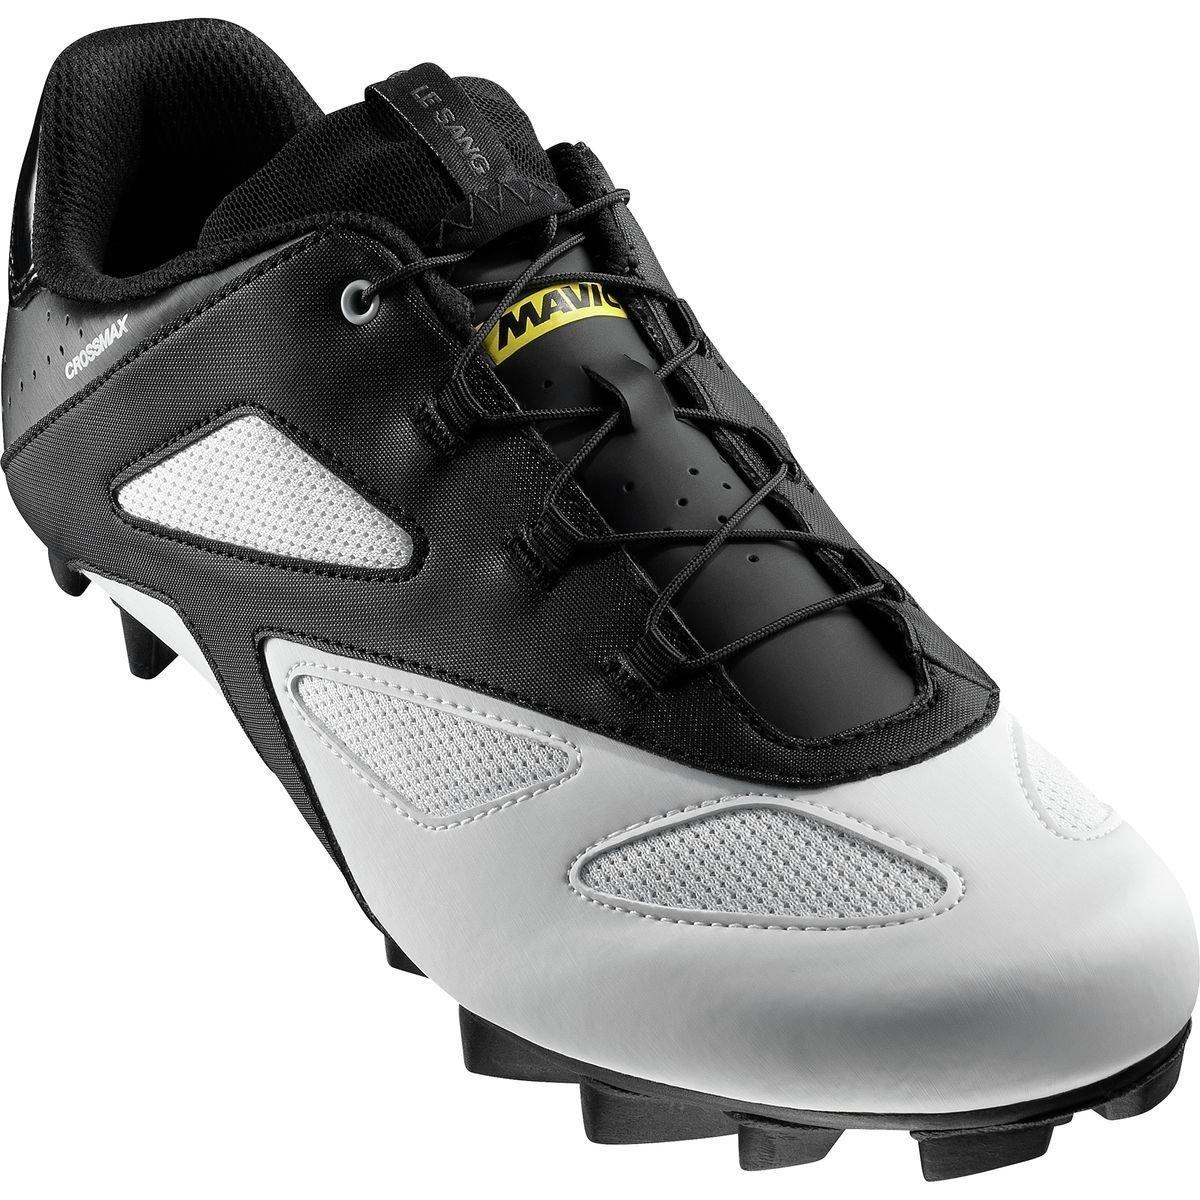 MAVIC Zapatillas de Ciclismo de Hombre Crossmax: Amazon.es: Deportes y aire libre